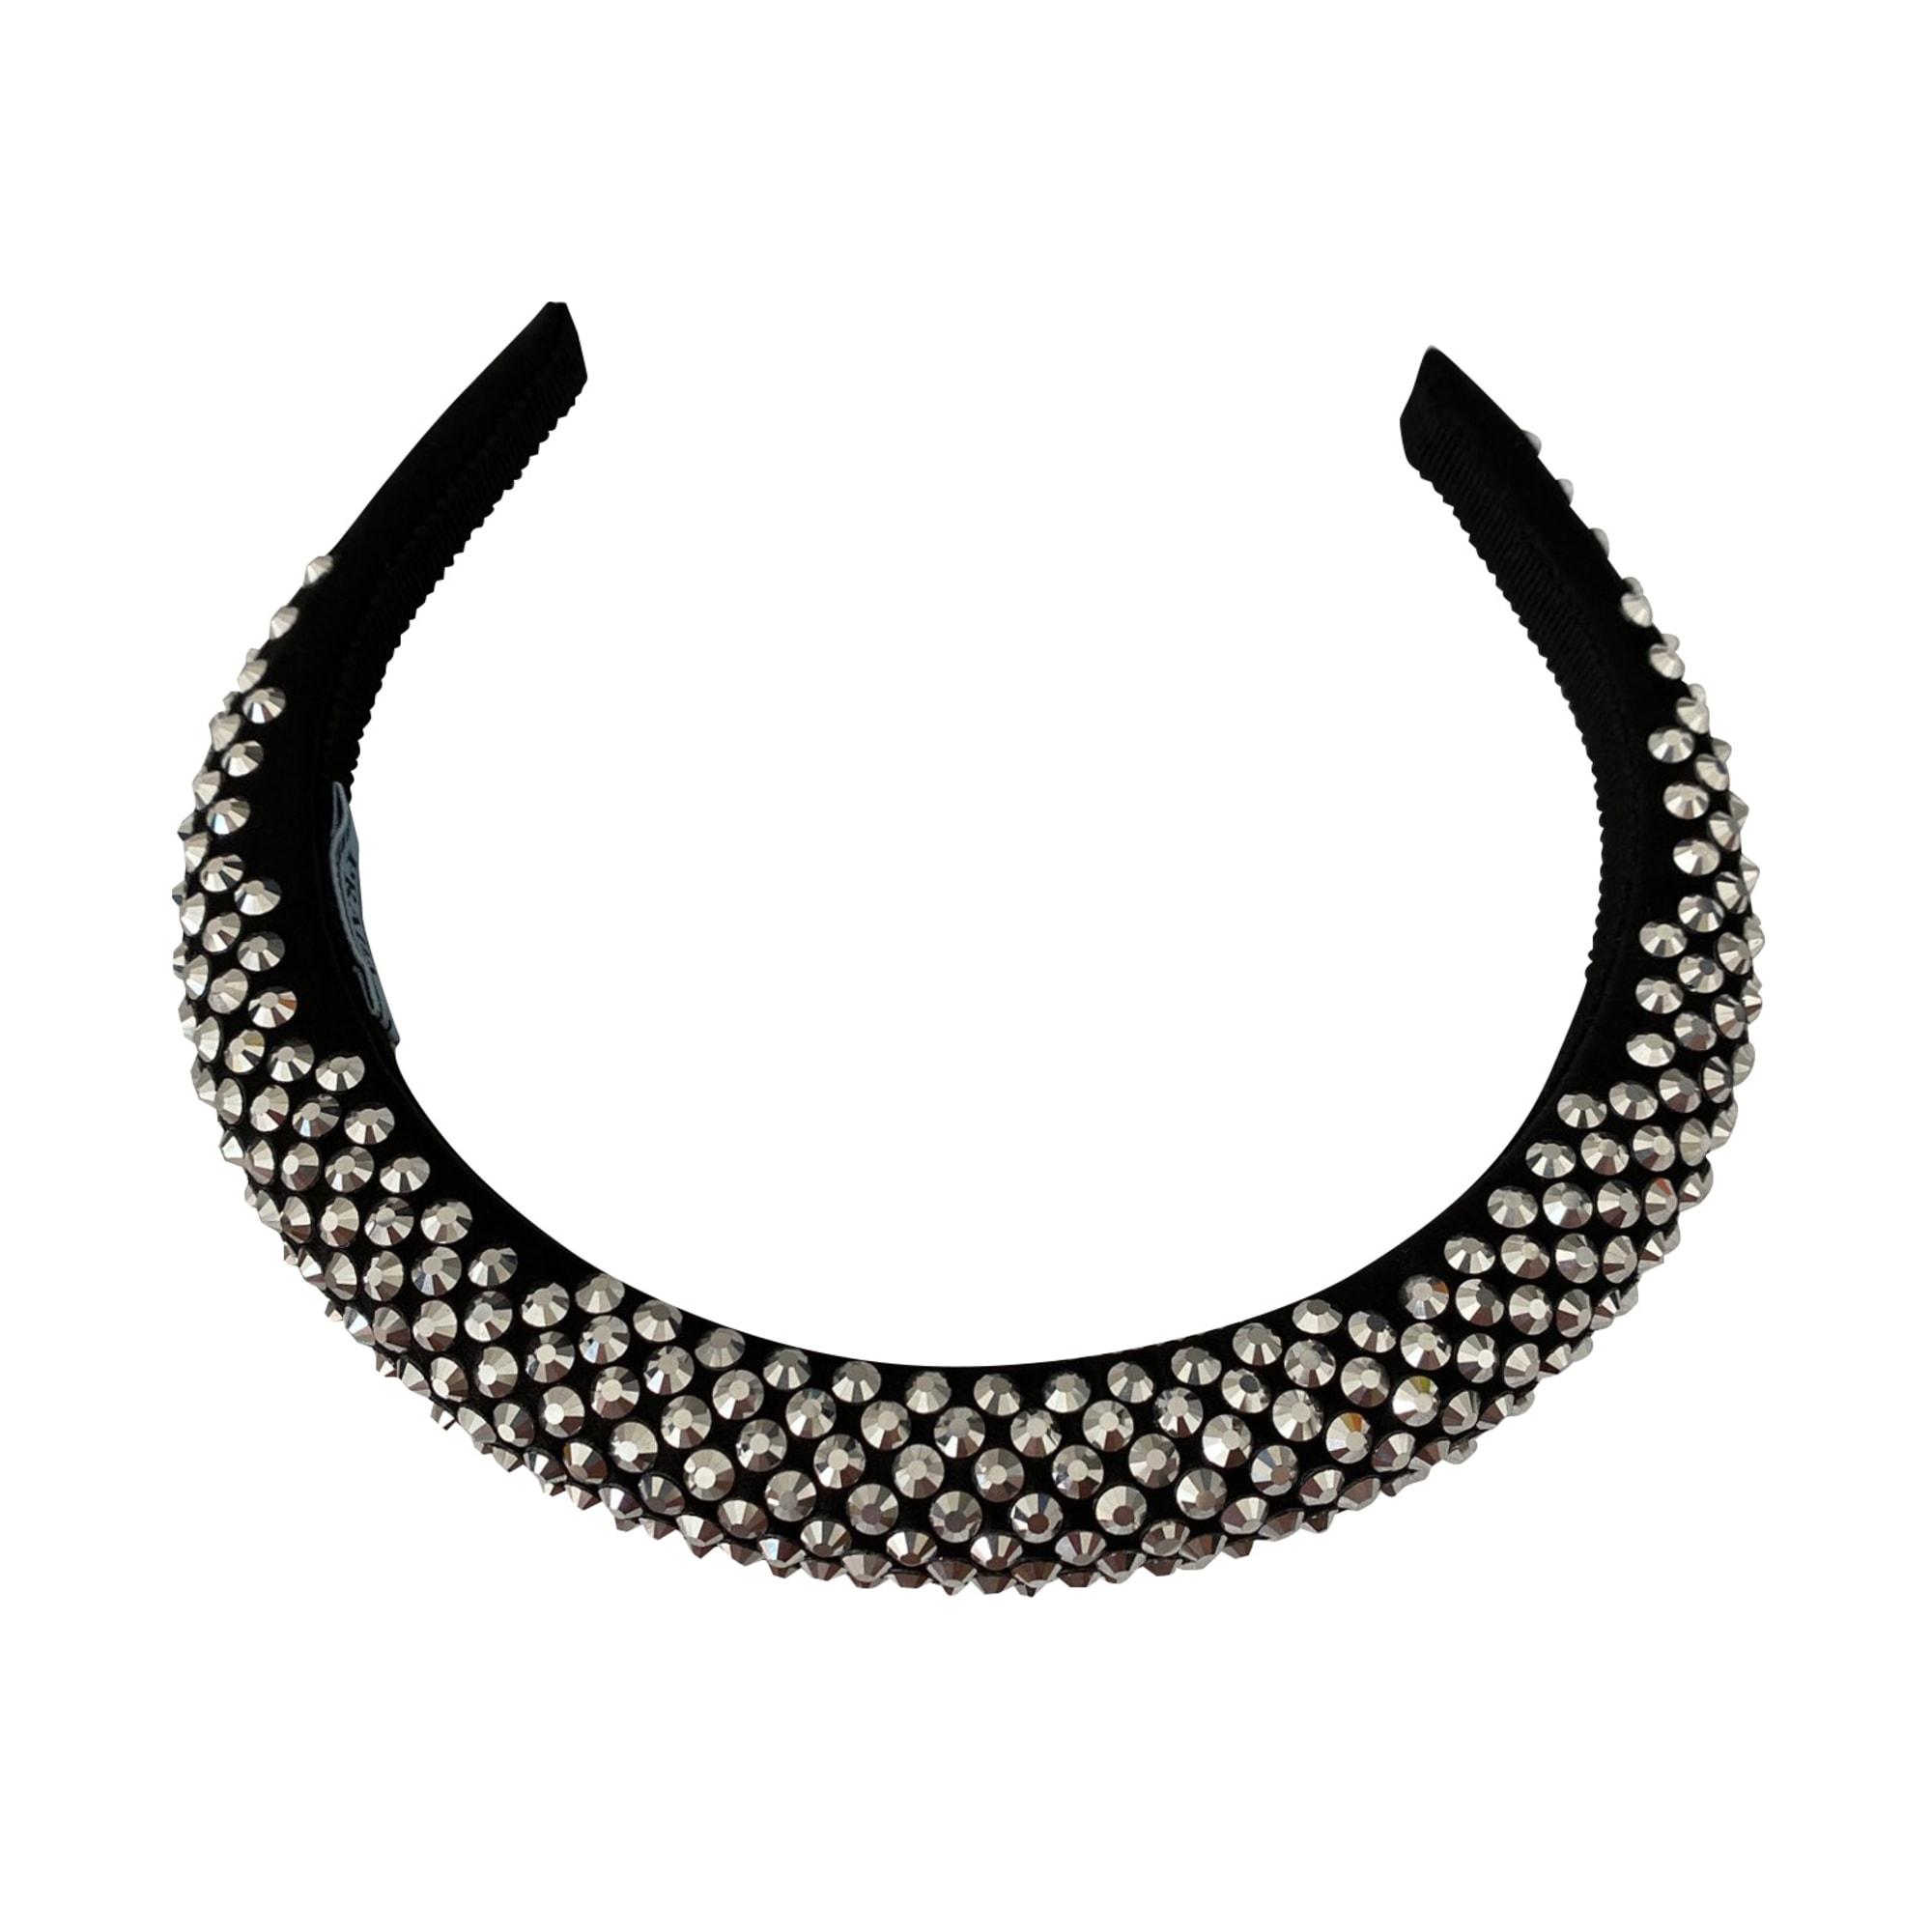 Hairband PRADA Black